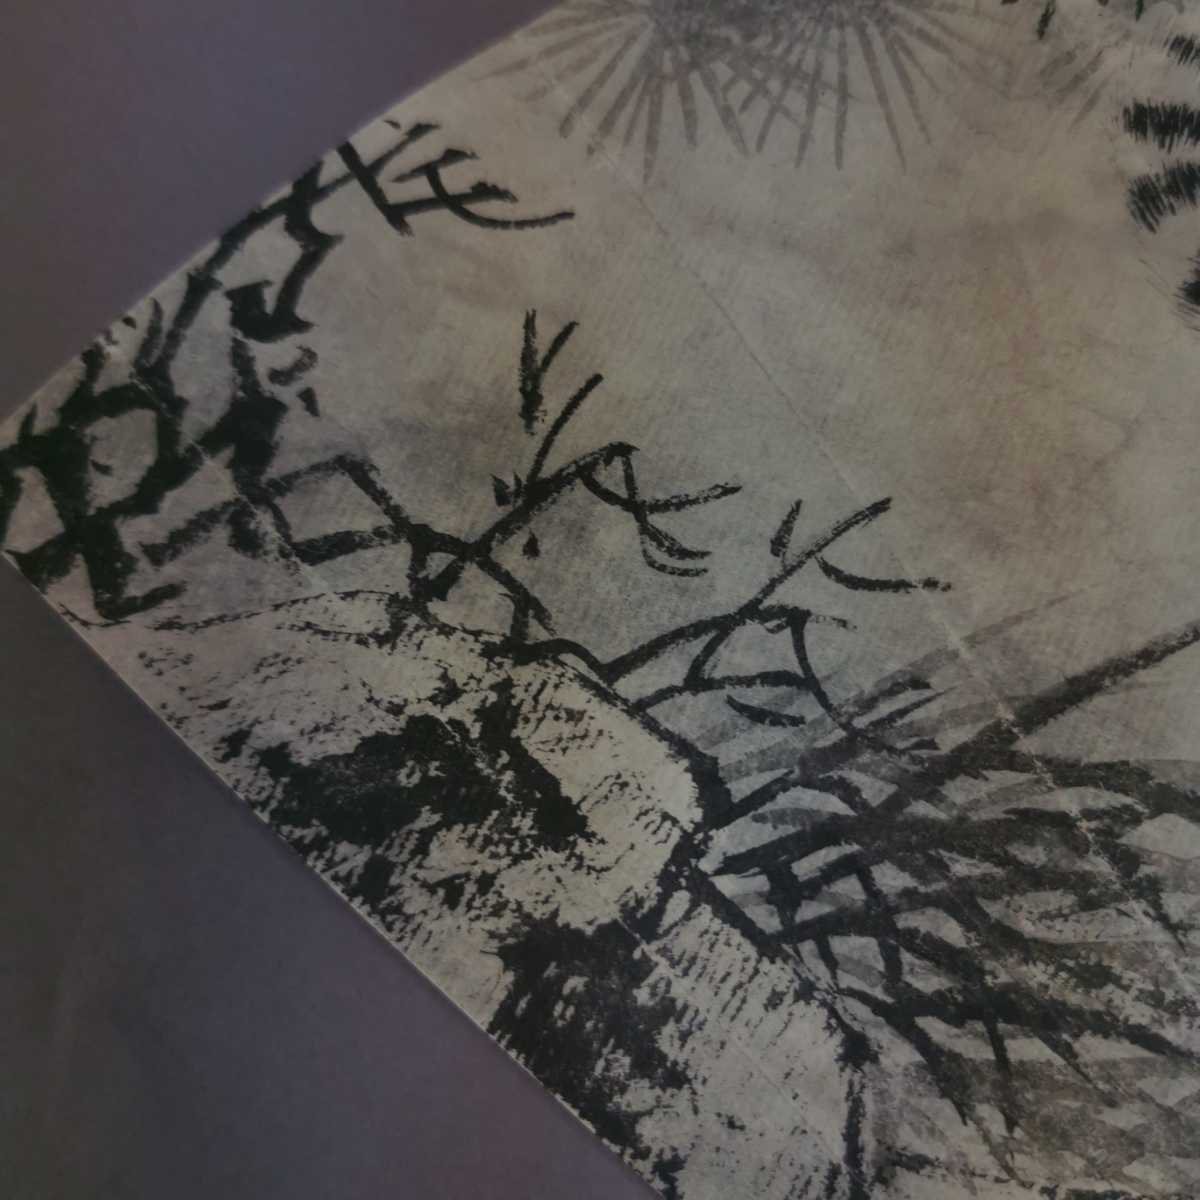 扇面 掛軸 虎図 紙本 肉筆保証 掛け軸 時代物 在銘 中国古美術 中国美術 古玩 古董 時代物 唐物 000307_画像7